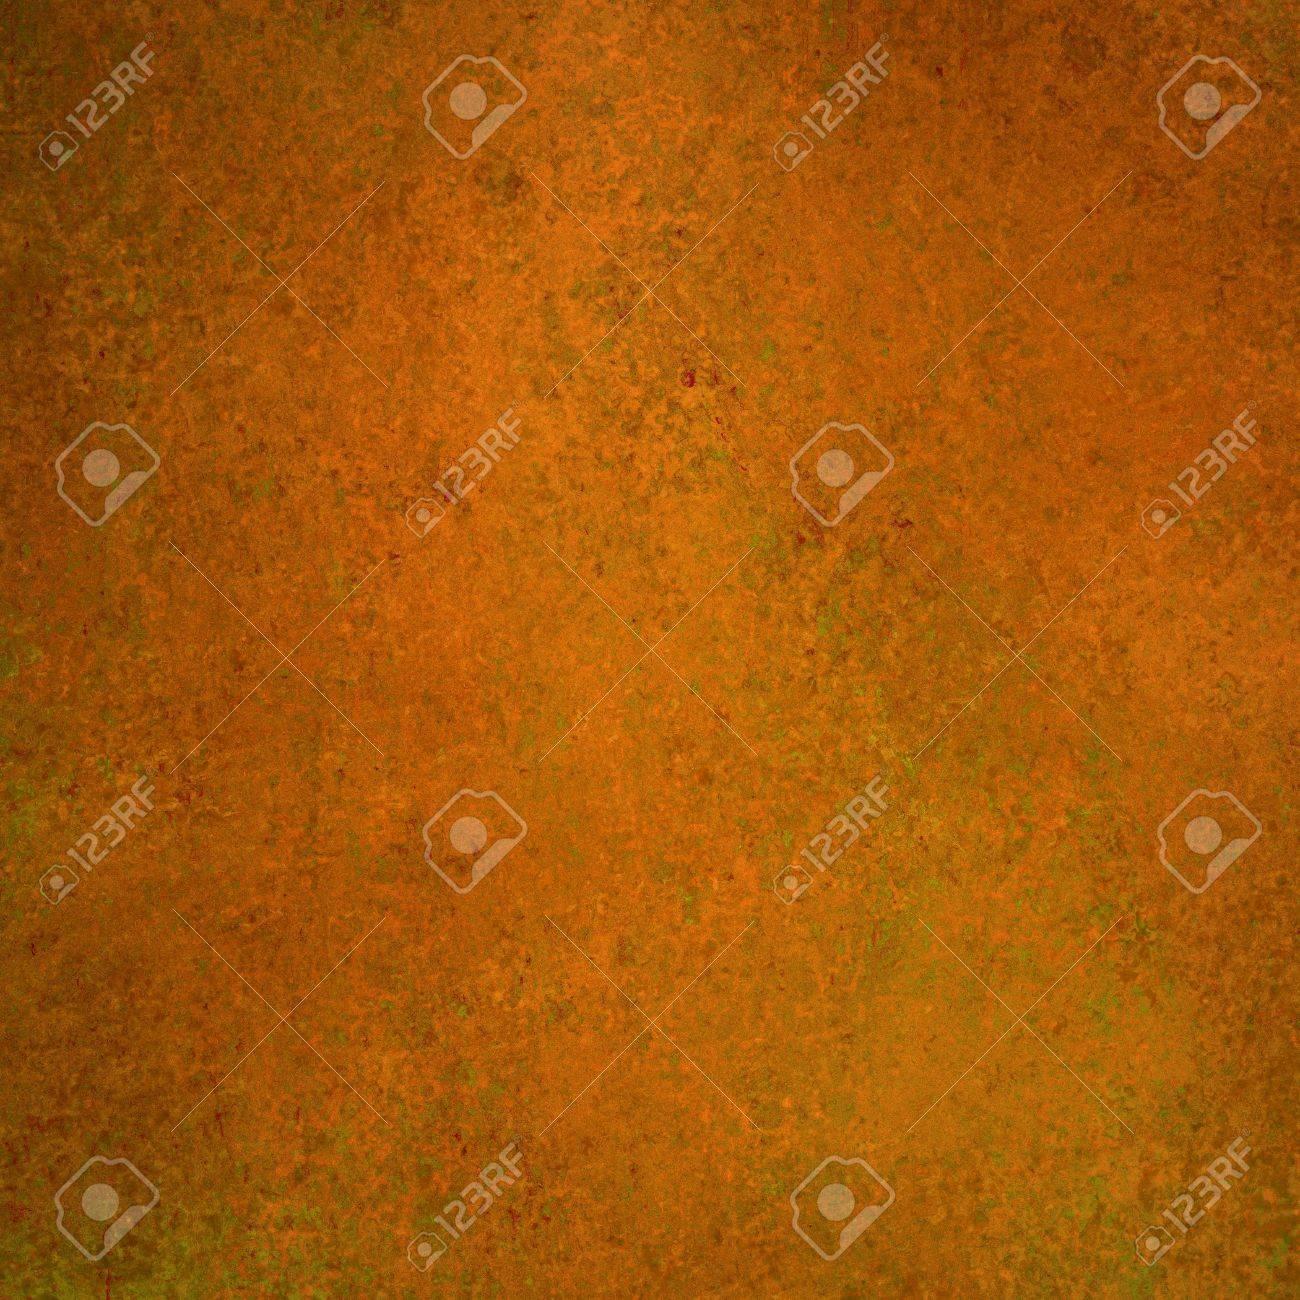 Rustic Orange Paint elegant orange autumn background texture paper, faint rustic